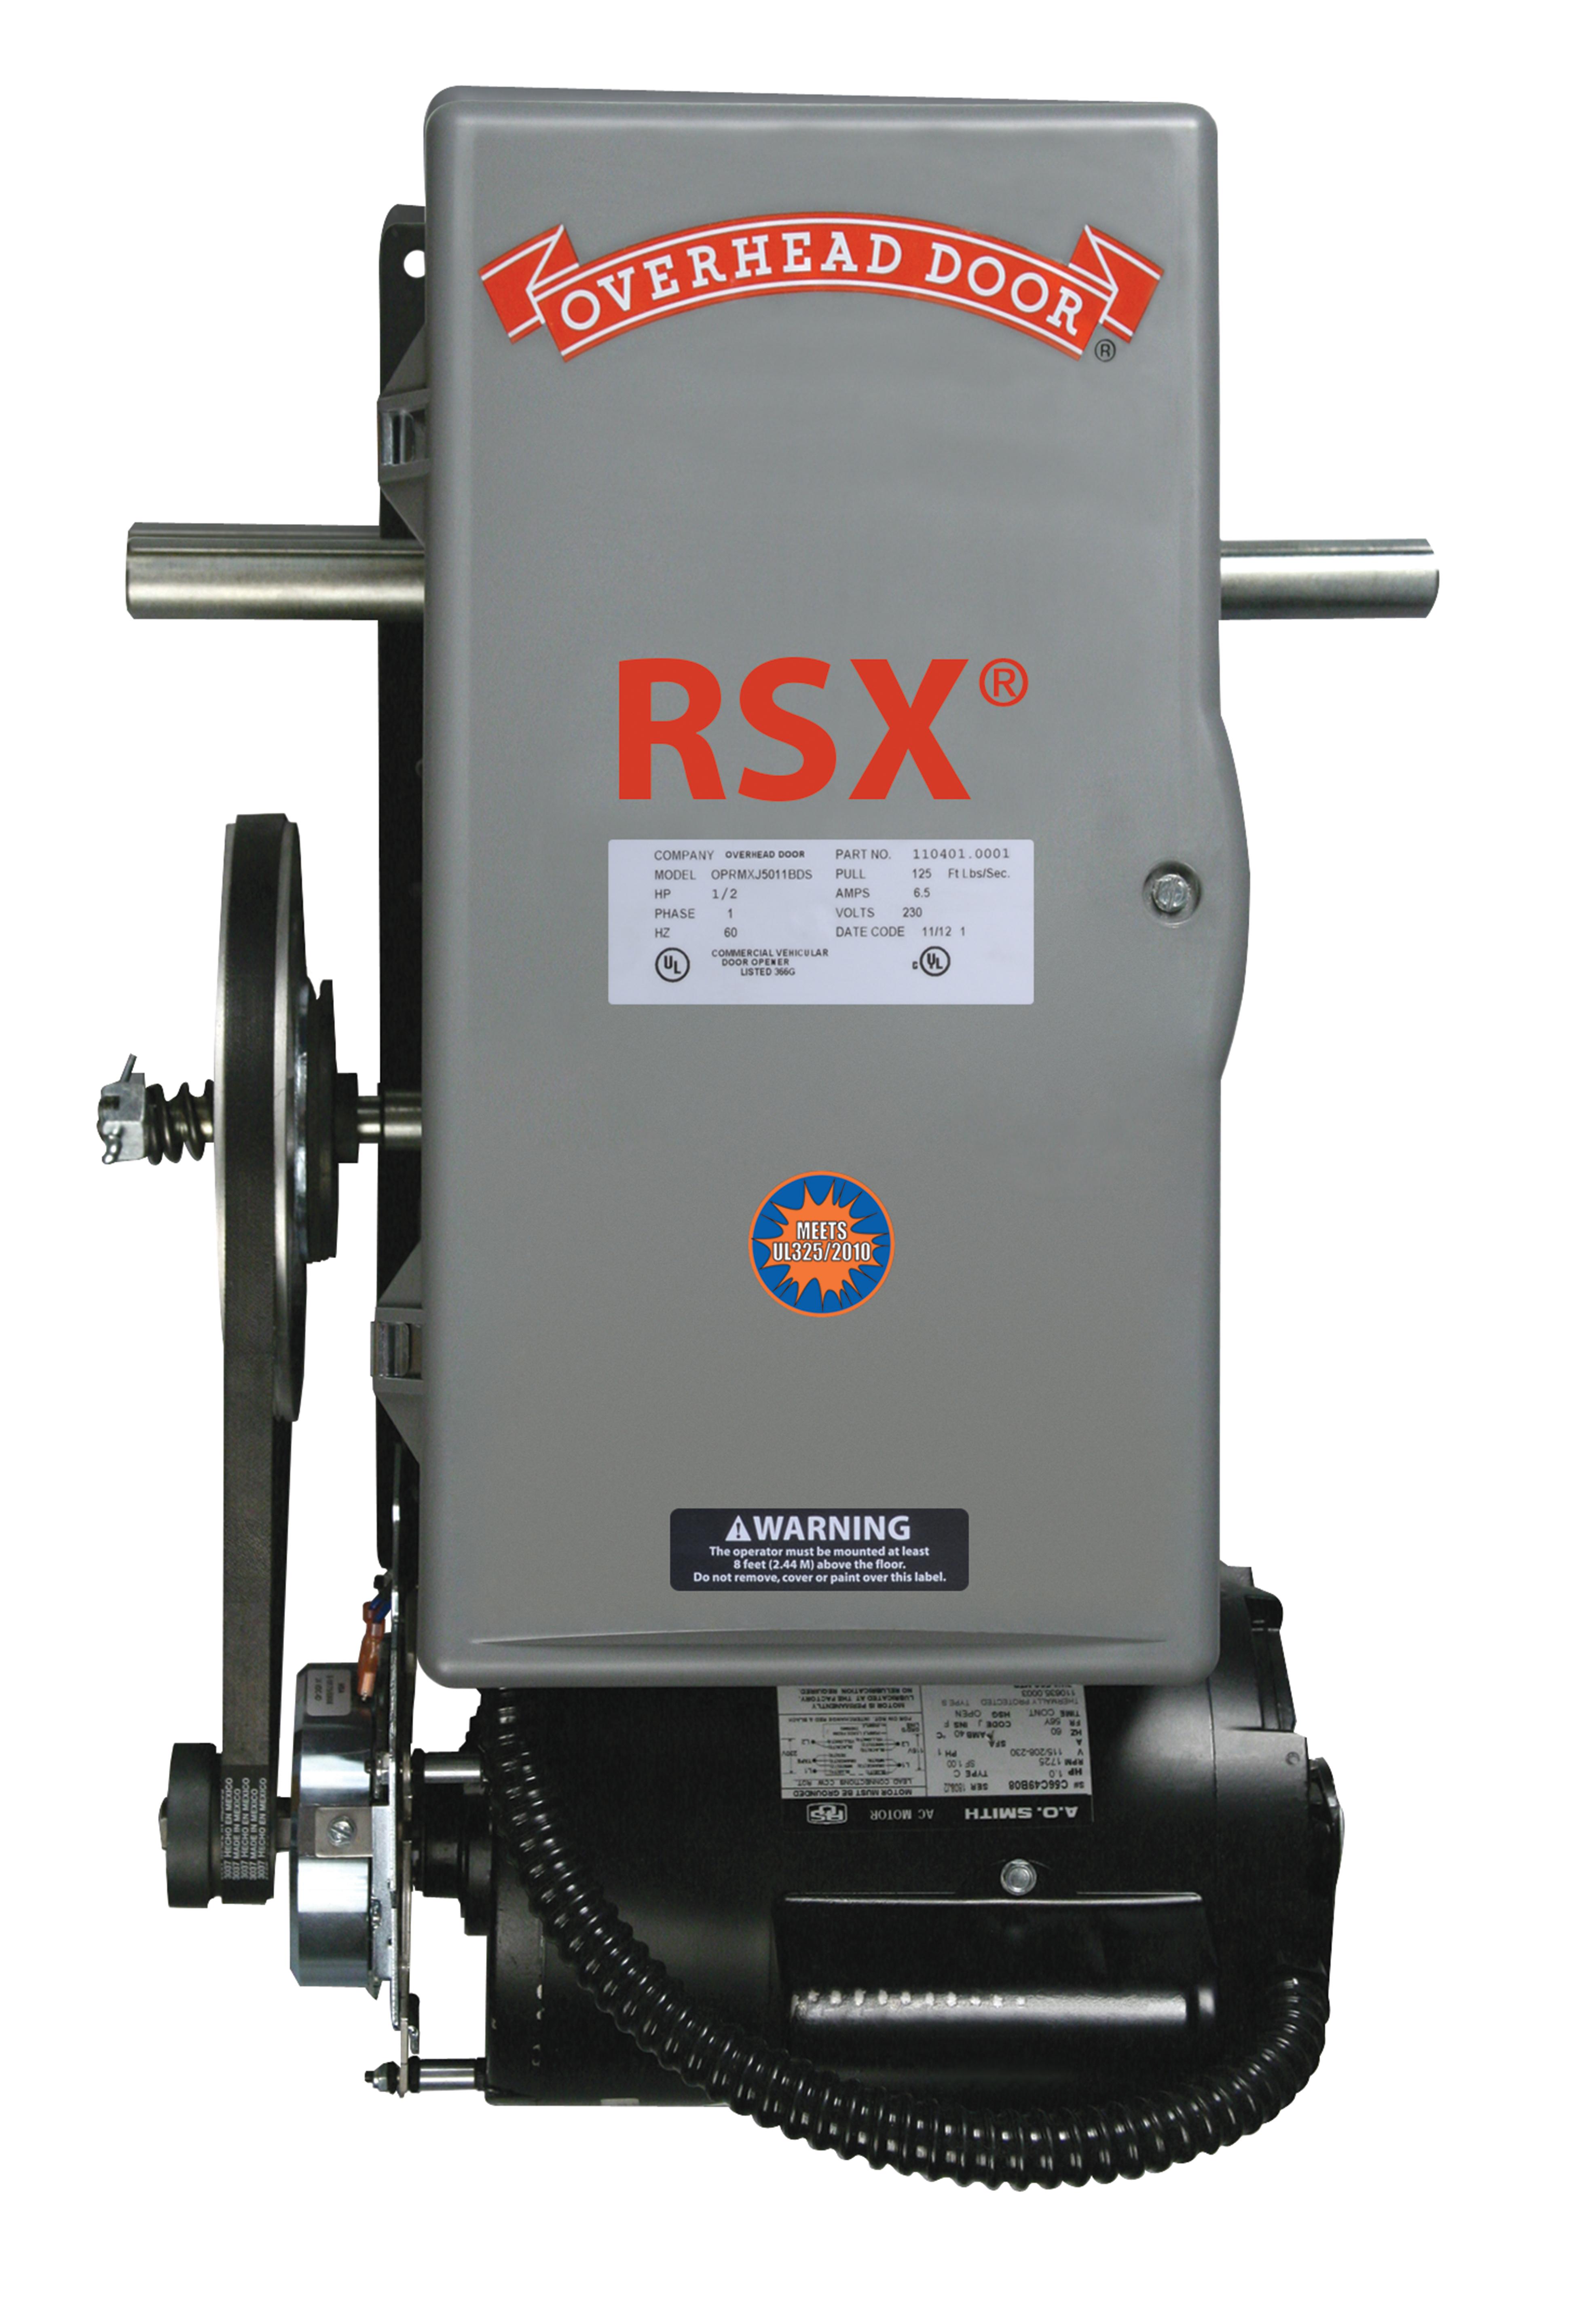 Rsx 174 Standard Duty Commercial Operator Overhead Door